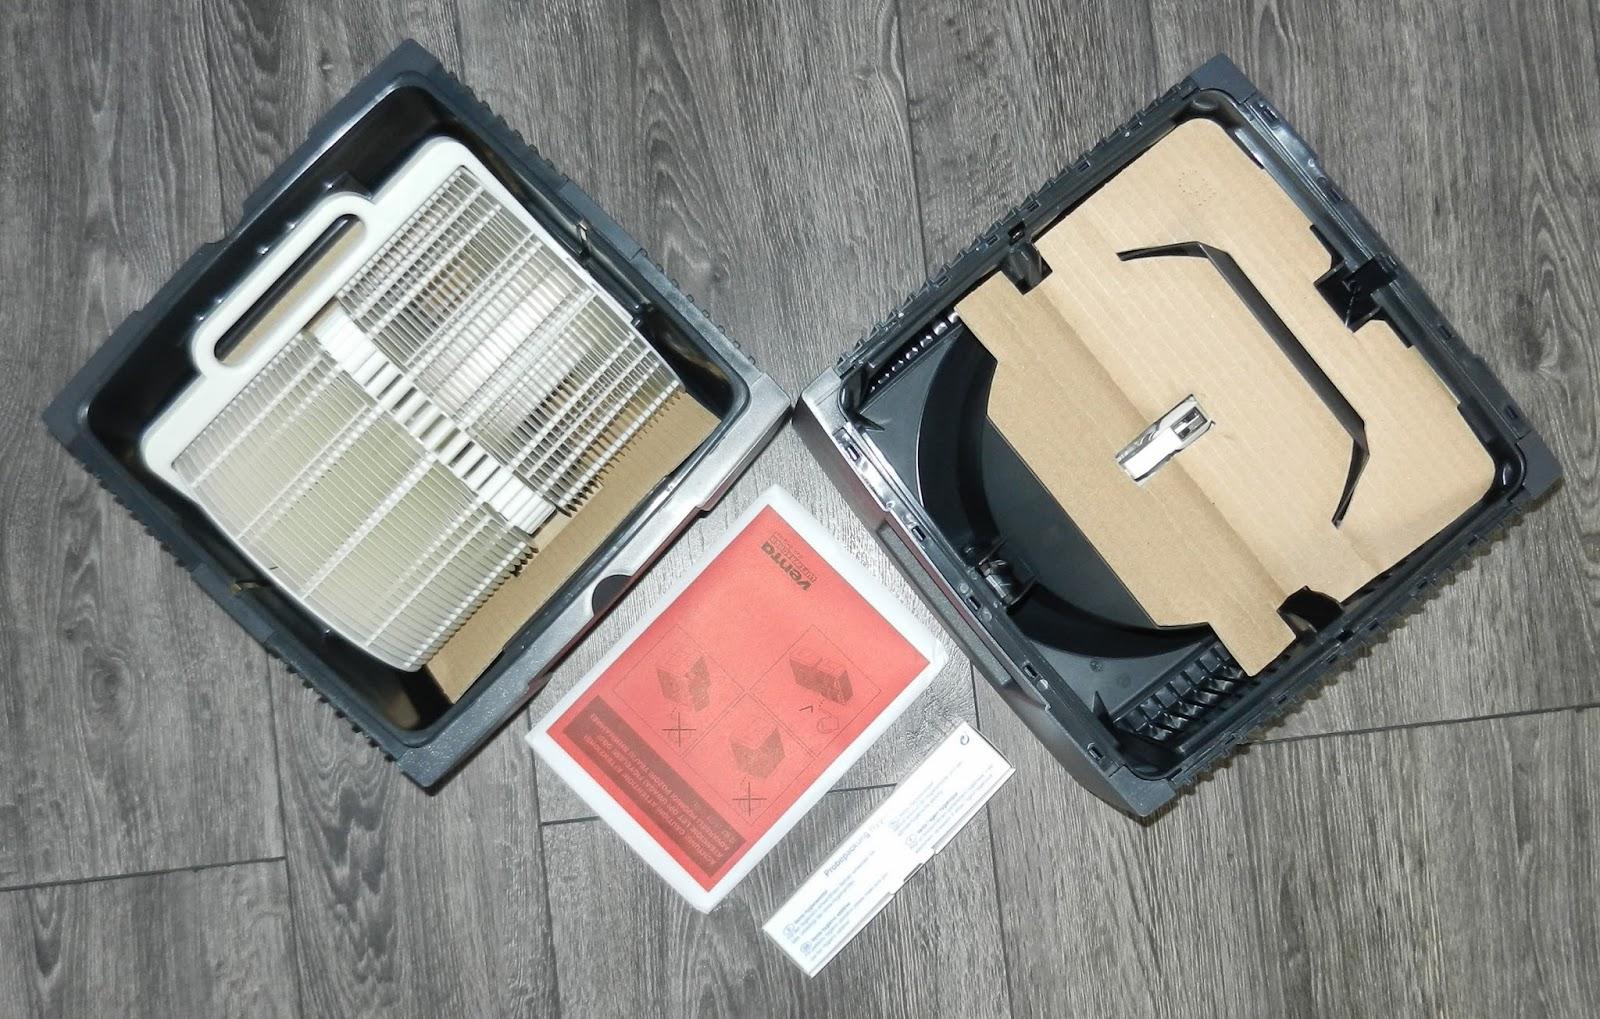 hauserische testfamilie venta luftw scher der luftbefeuchter luftreiniger in einem. Black Bedroom Furniture Sets. Home Design Ideas